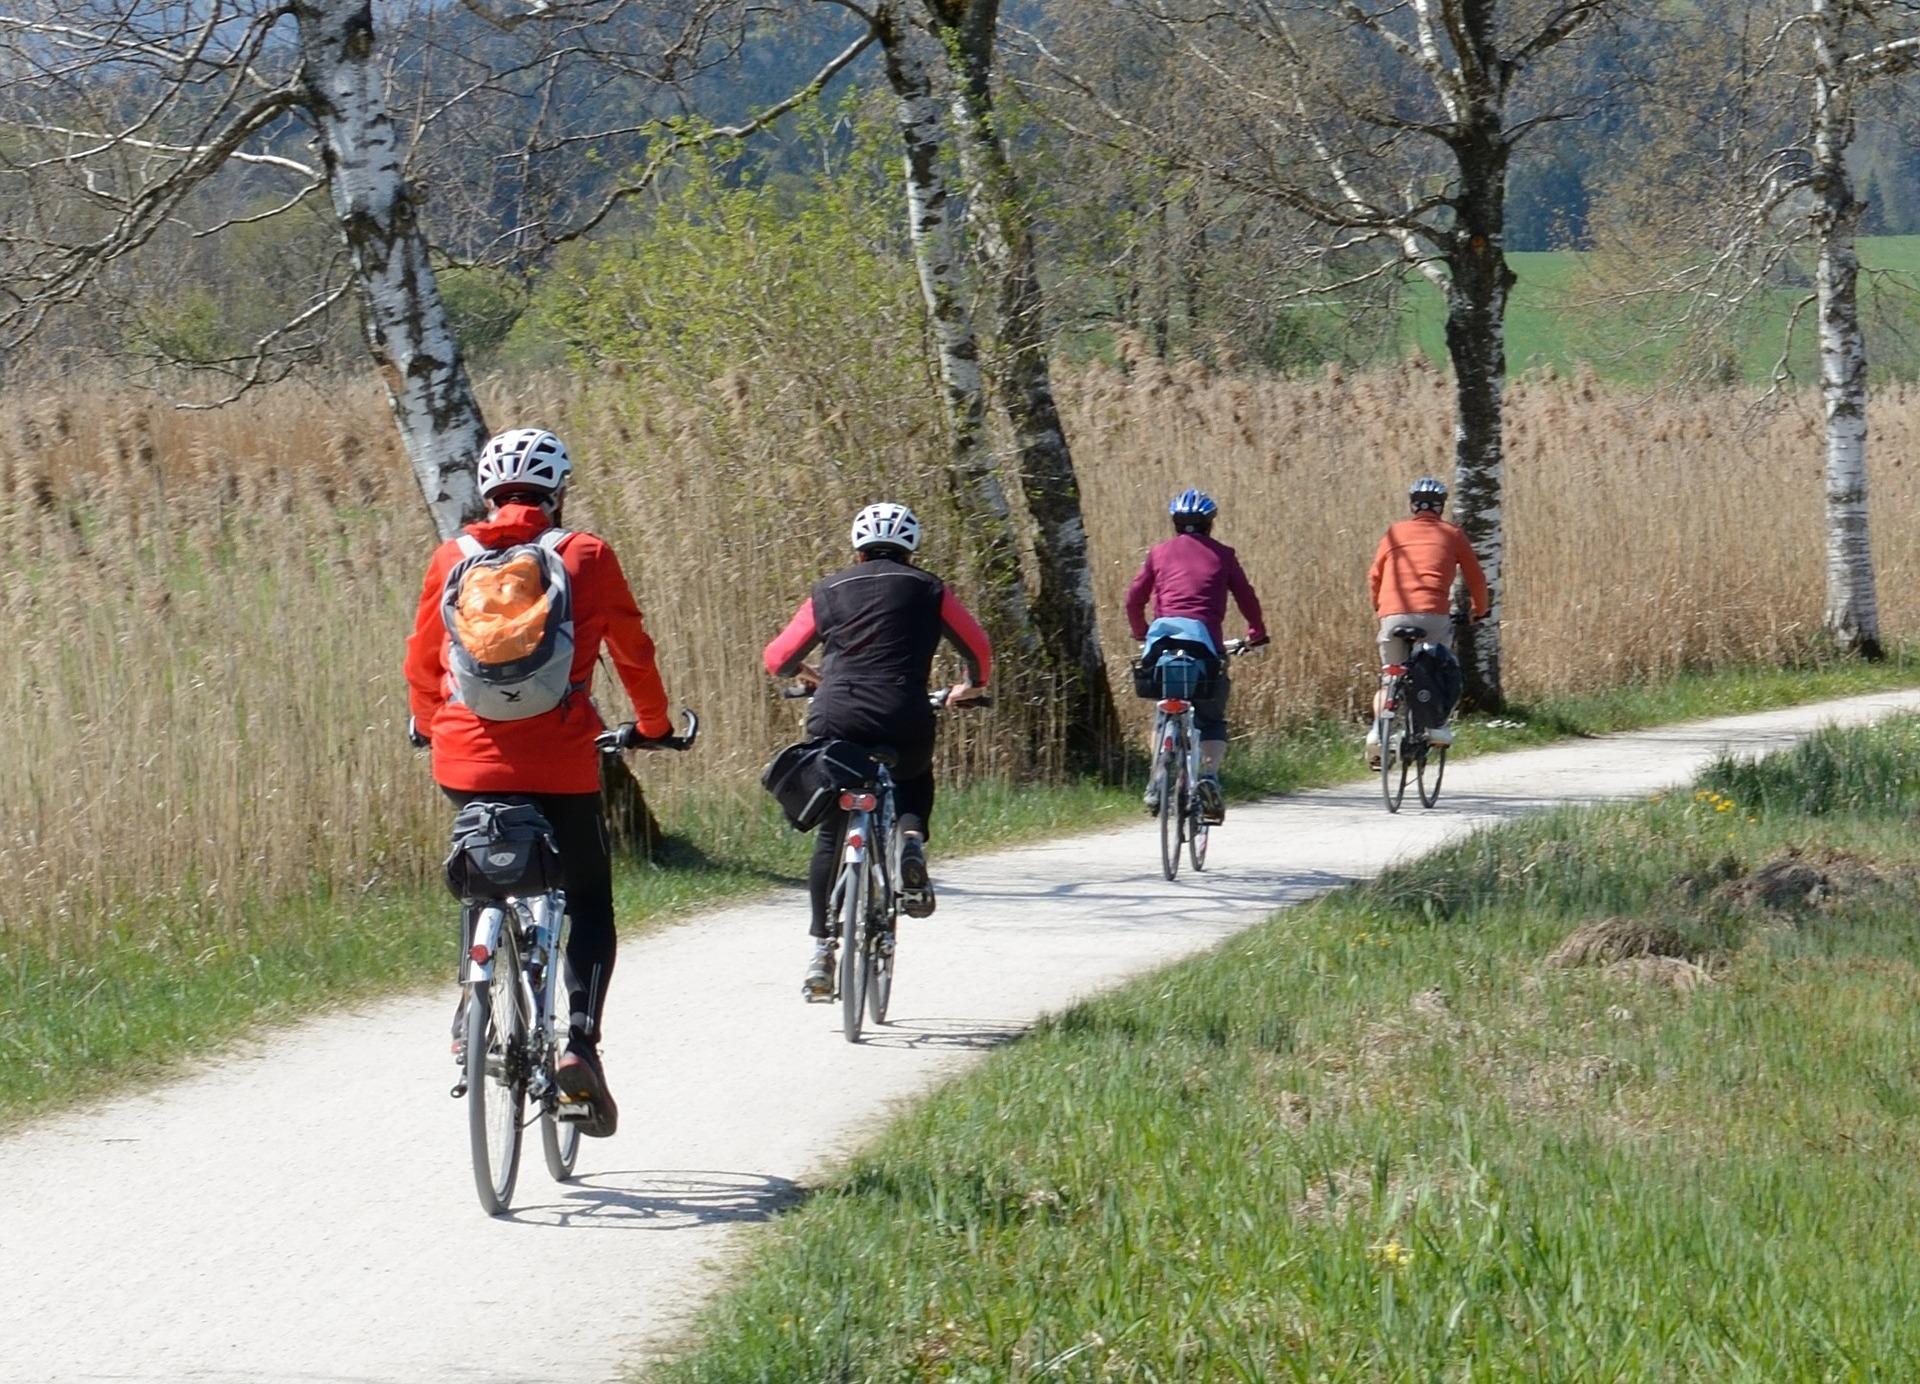 Séjour nature à vélo à Tours en Touraine val de loire